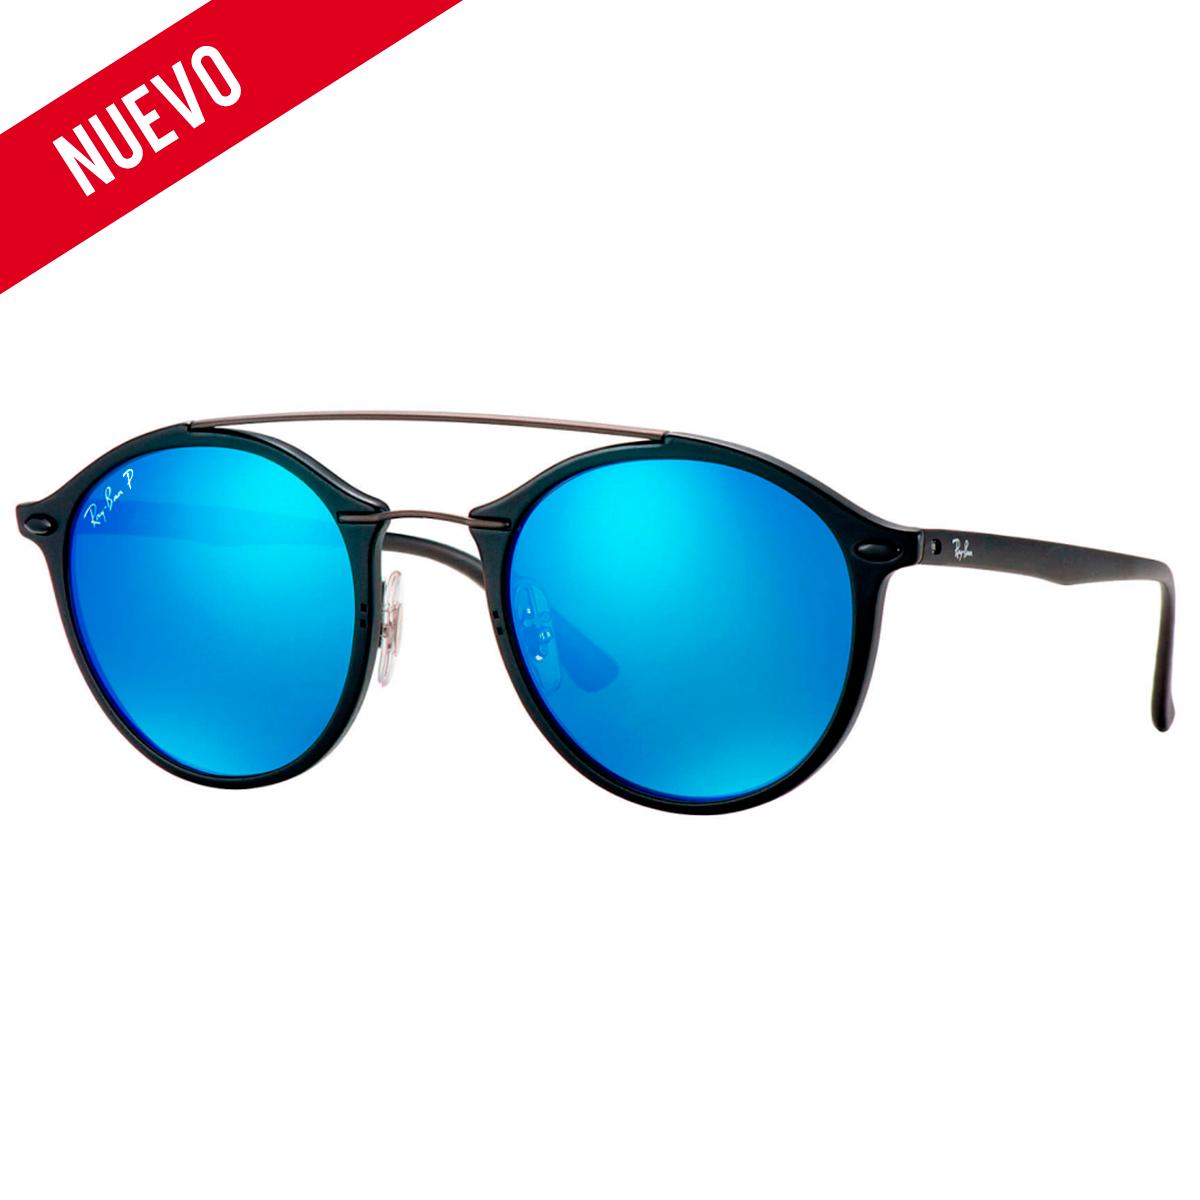 Estado:EN STOCK / DISPONIBLEModelo:RB4266Estilo:RoundTalla:49mmMaterial de Marco:NylonColor del Marco:NegroColor de Lunas:Azul Espejo PolarizadoProtección:100% UV400Origen:Made in ItalyContenido del Paquete:Certificadoestuche, pañuelo de lentes, Caja Original, Catalogo Never Hide,Bolso Never Hide.   :::DELIVERY GRATIS A TODO EL PERU:::Tiempo de envio Lima:24 horasTiempo envio a Provincias: 48 horas.